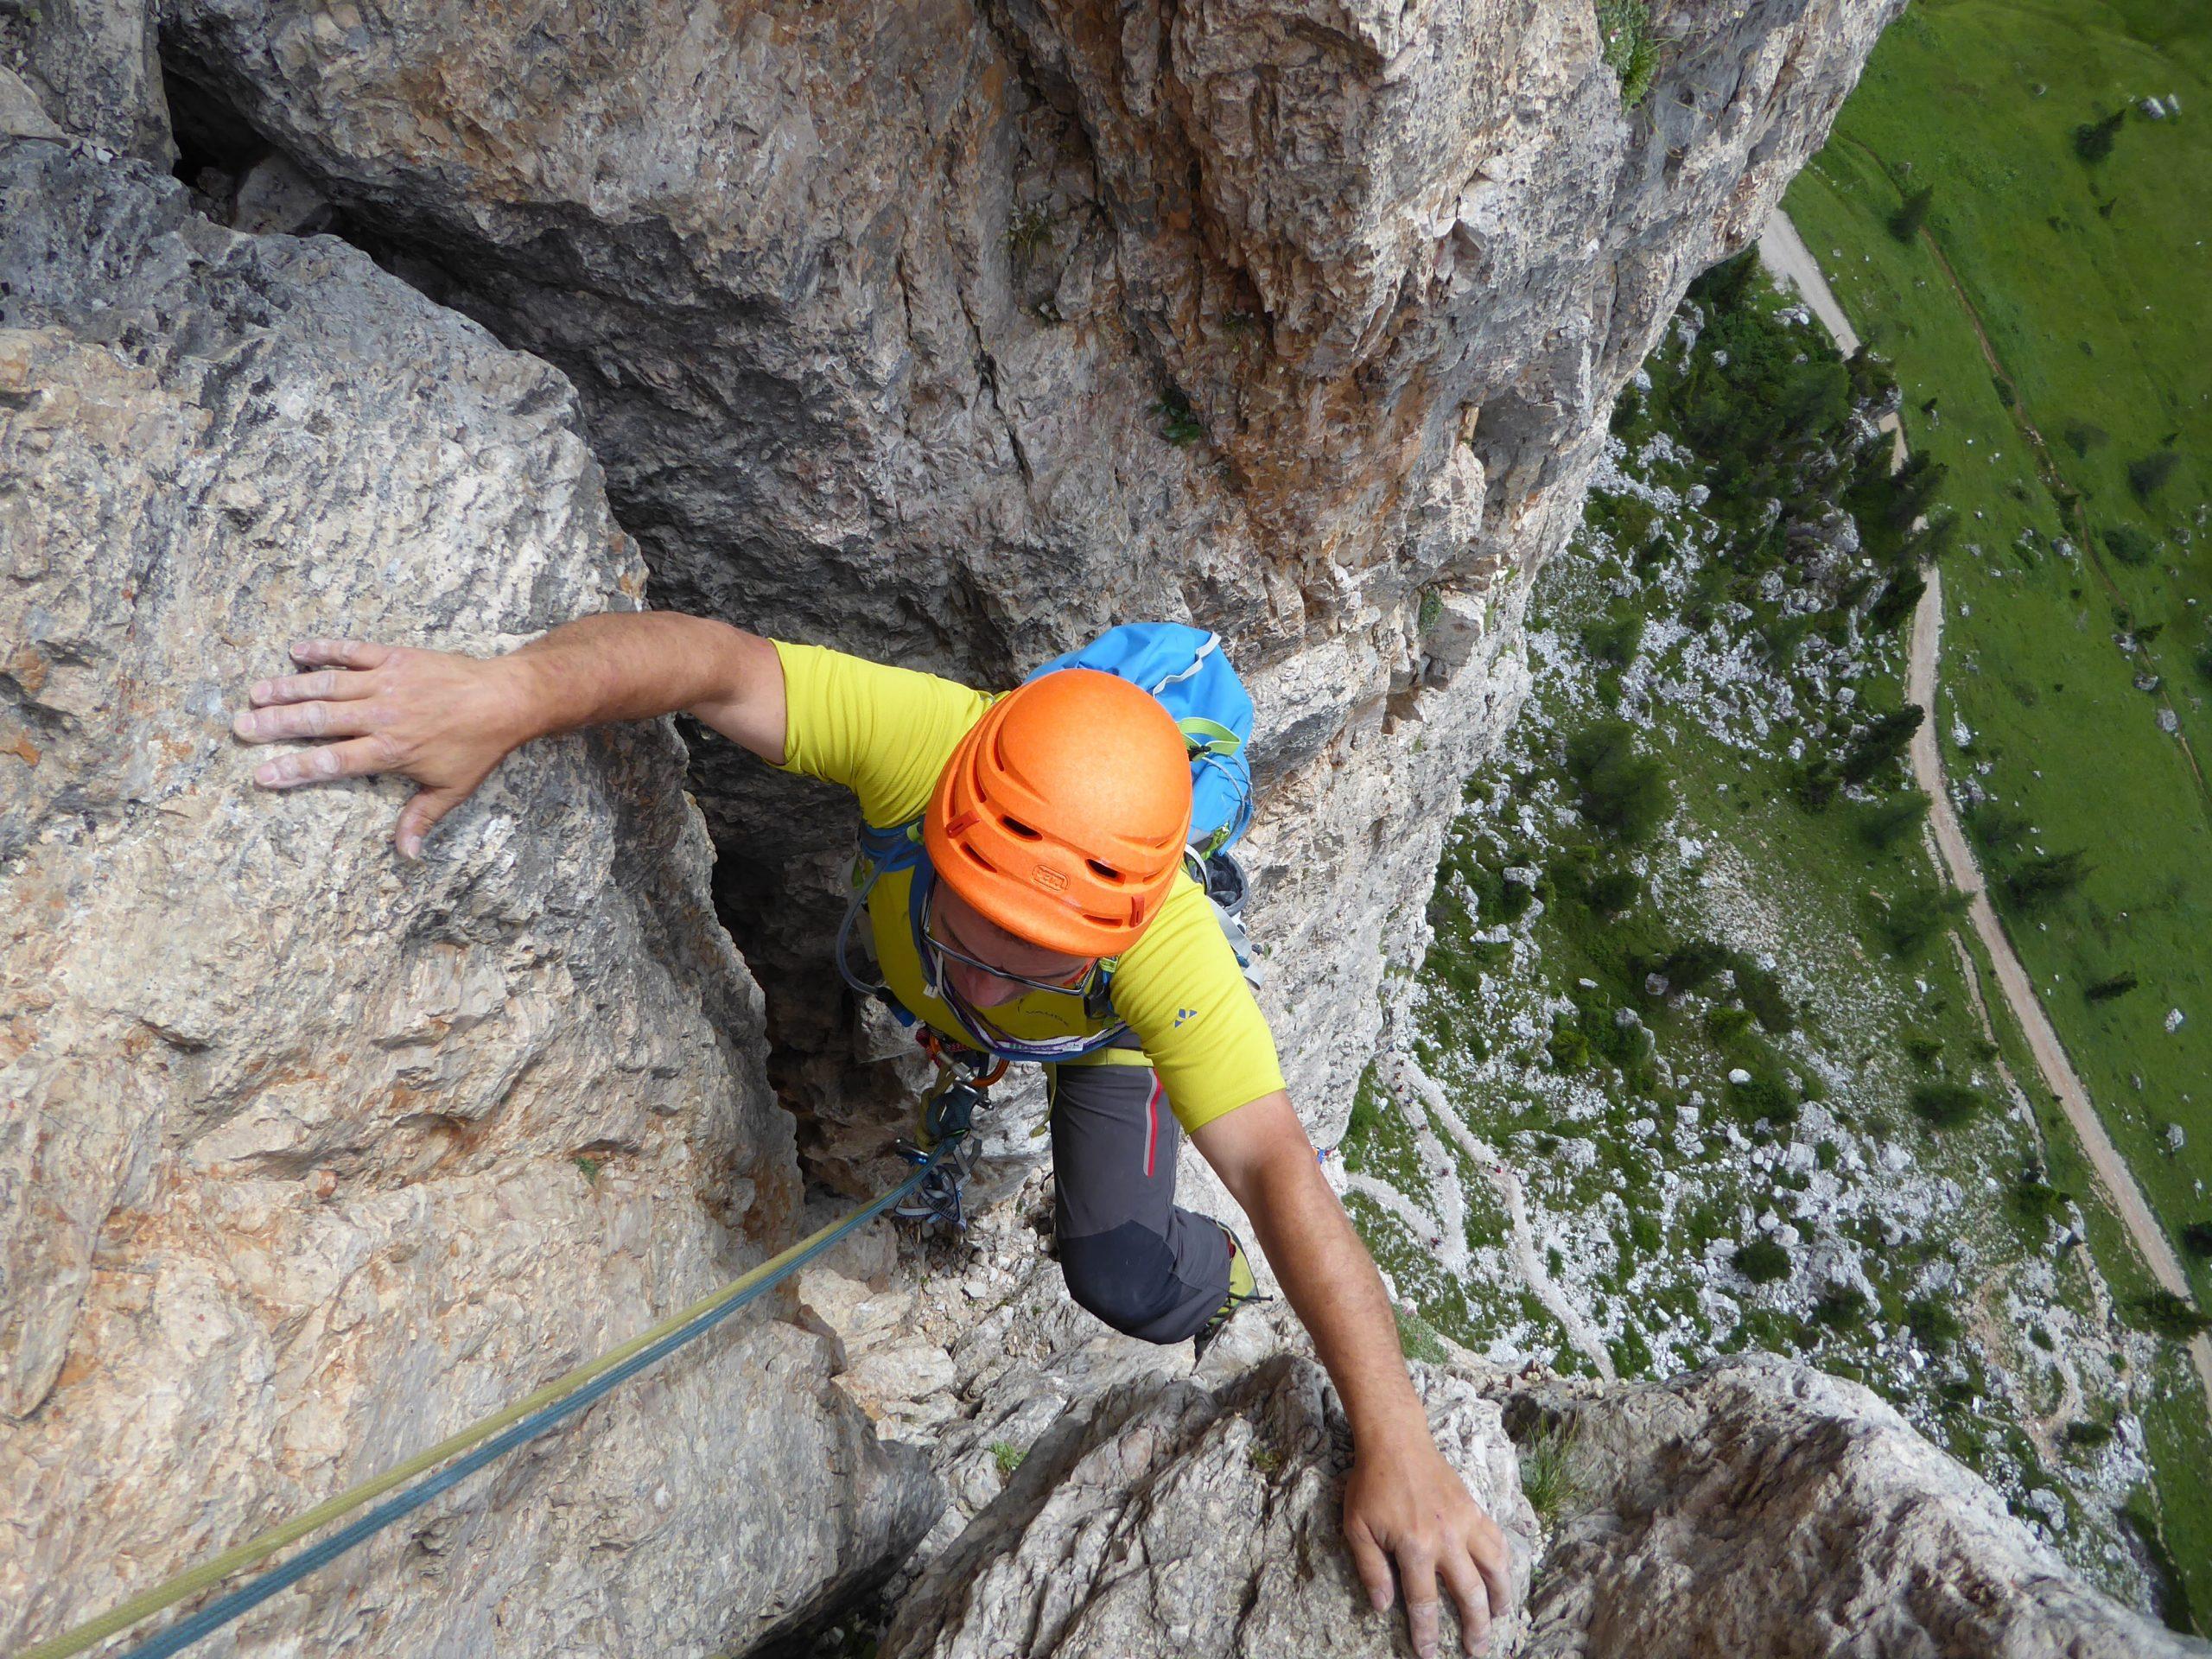 Curso de escalada en roca. Nivel 4 (Fisuras, diedros y chimeneas)